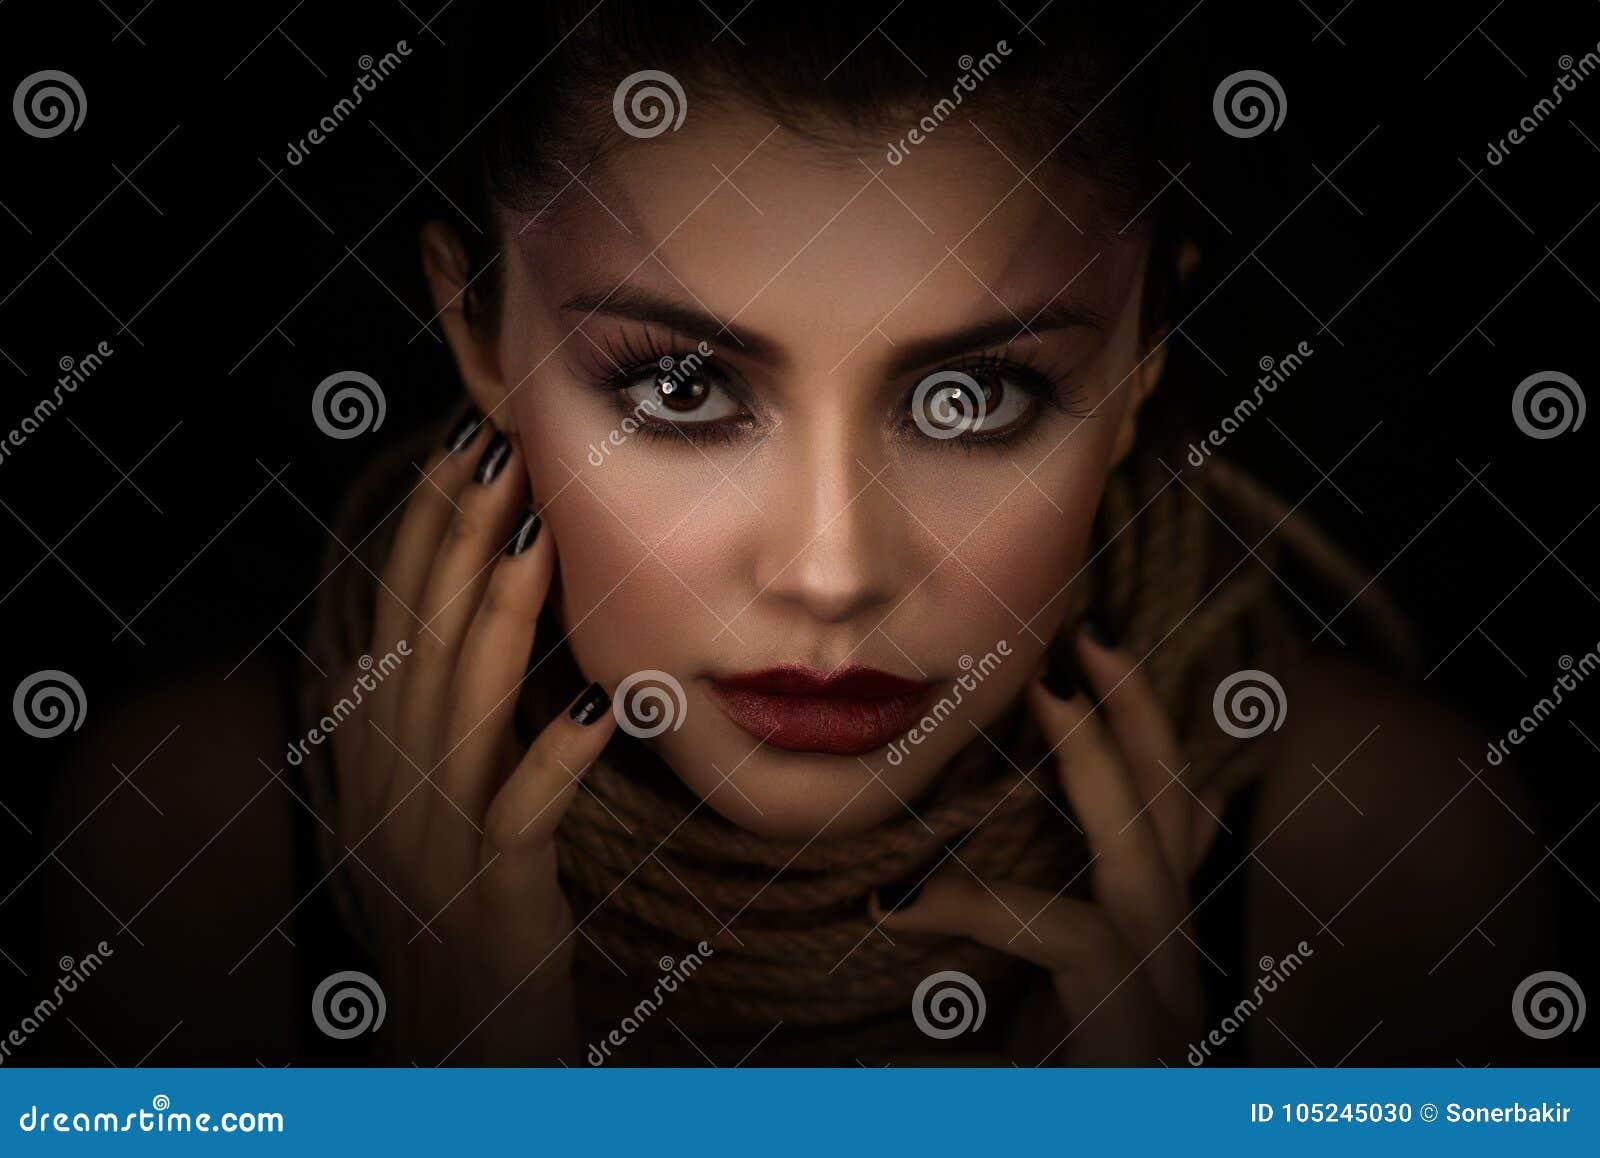 Retrato De La Mujer Joven Sobre Cuerda Con El Fondo Negro Moda ... d6f2e476287